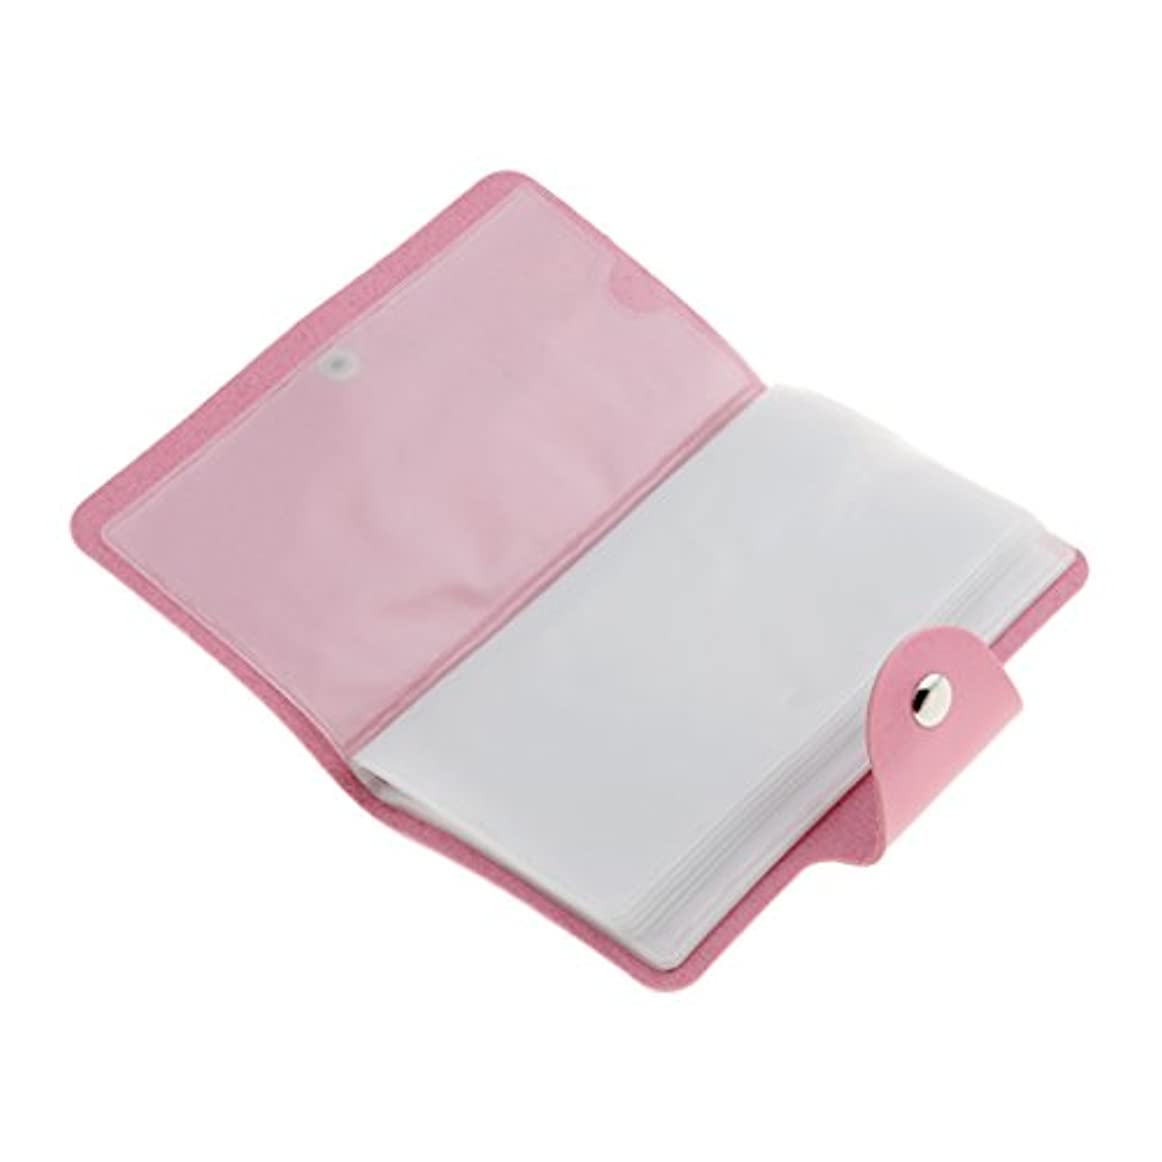 費用世界の窓やむを得ないPerfeclan ネイルアートプレートスタンパーバッグ 24スロット ネイル プレート ホルダー ケース 5色選べ - ピンク